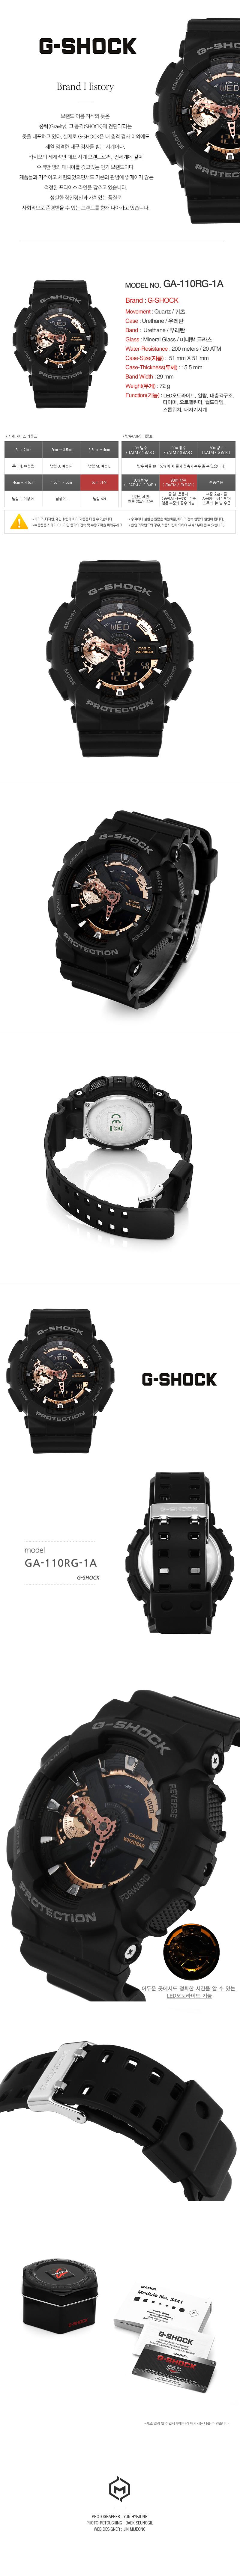 지샥(G-SHOCK) GA-110RG-1A BIG FACE 빅페이스 로즈골드 남성 우레탄시계